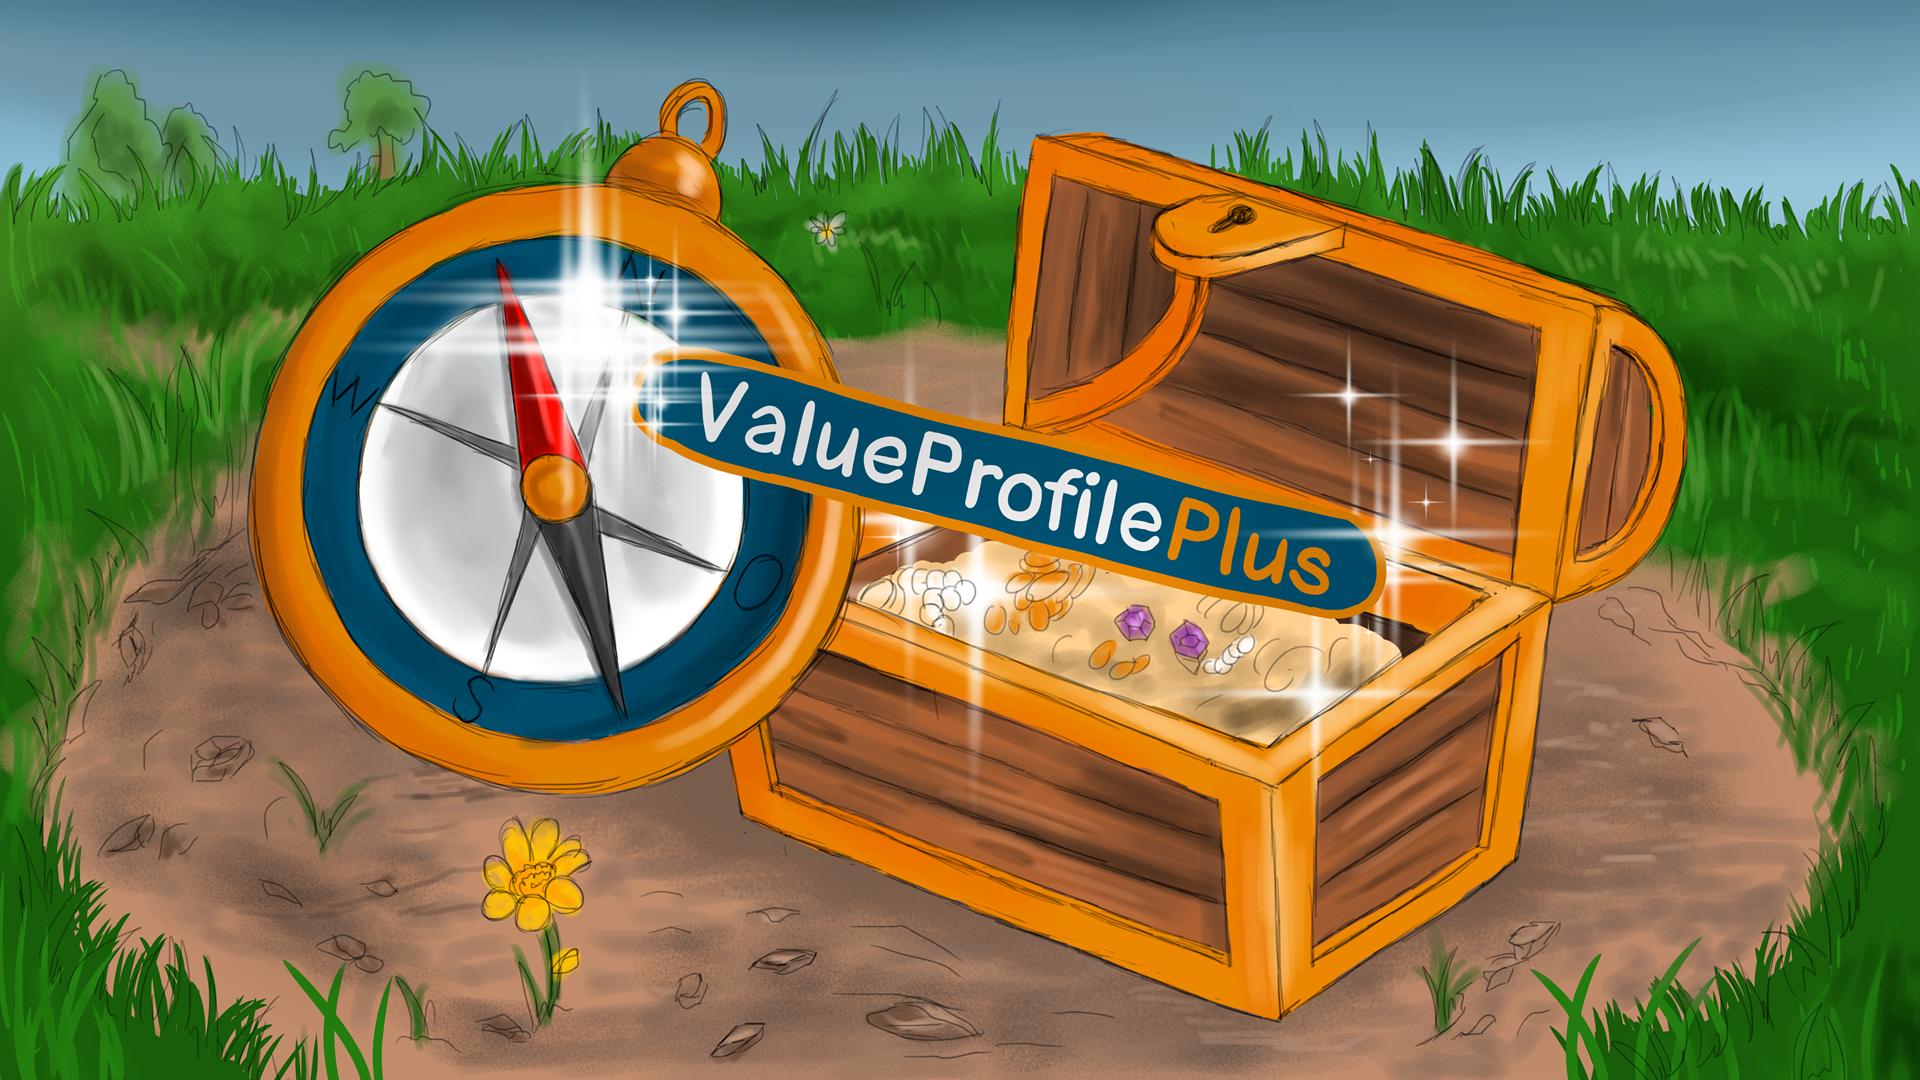 Ihr nächster Schritt: Damit Sie ohne Kalkulationsrisiken ValueProfilePlus schnell einsetzen und die Vorteile genießen können, haben wir eine simple Flatrate für Sie entworfen. In dieser ist alles enthalten, was Sie brauchen.